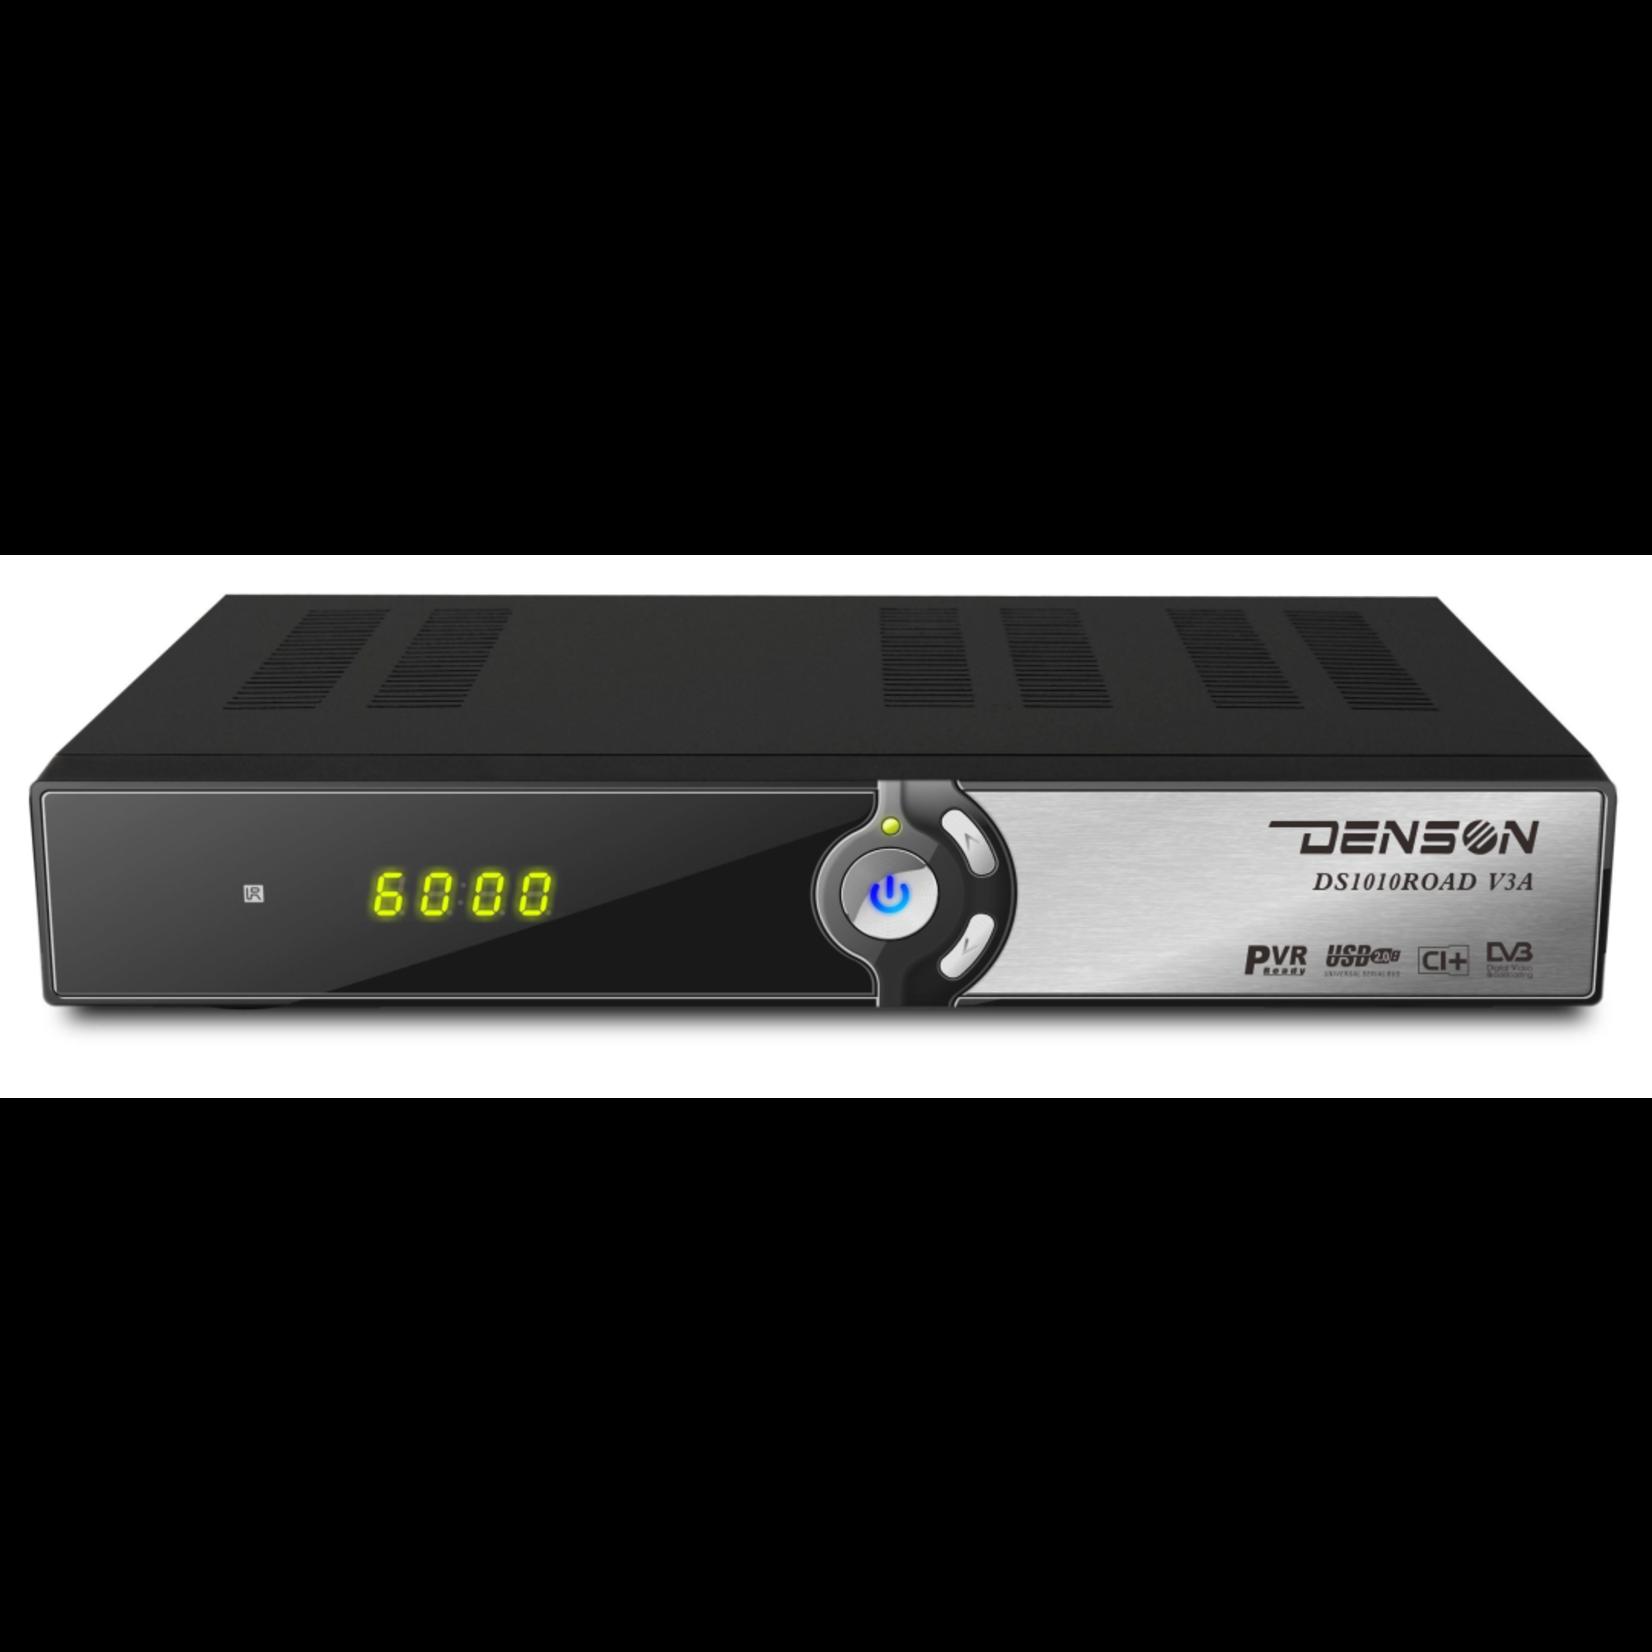 DENSON ONTVANGER  DENSON DS1010 V3A HD DVB